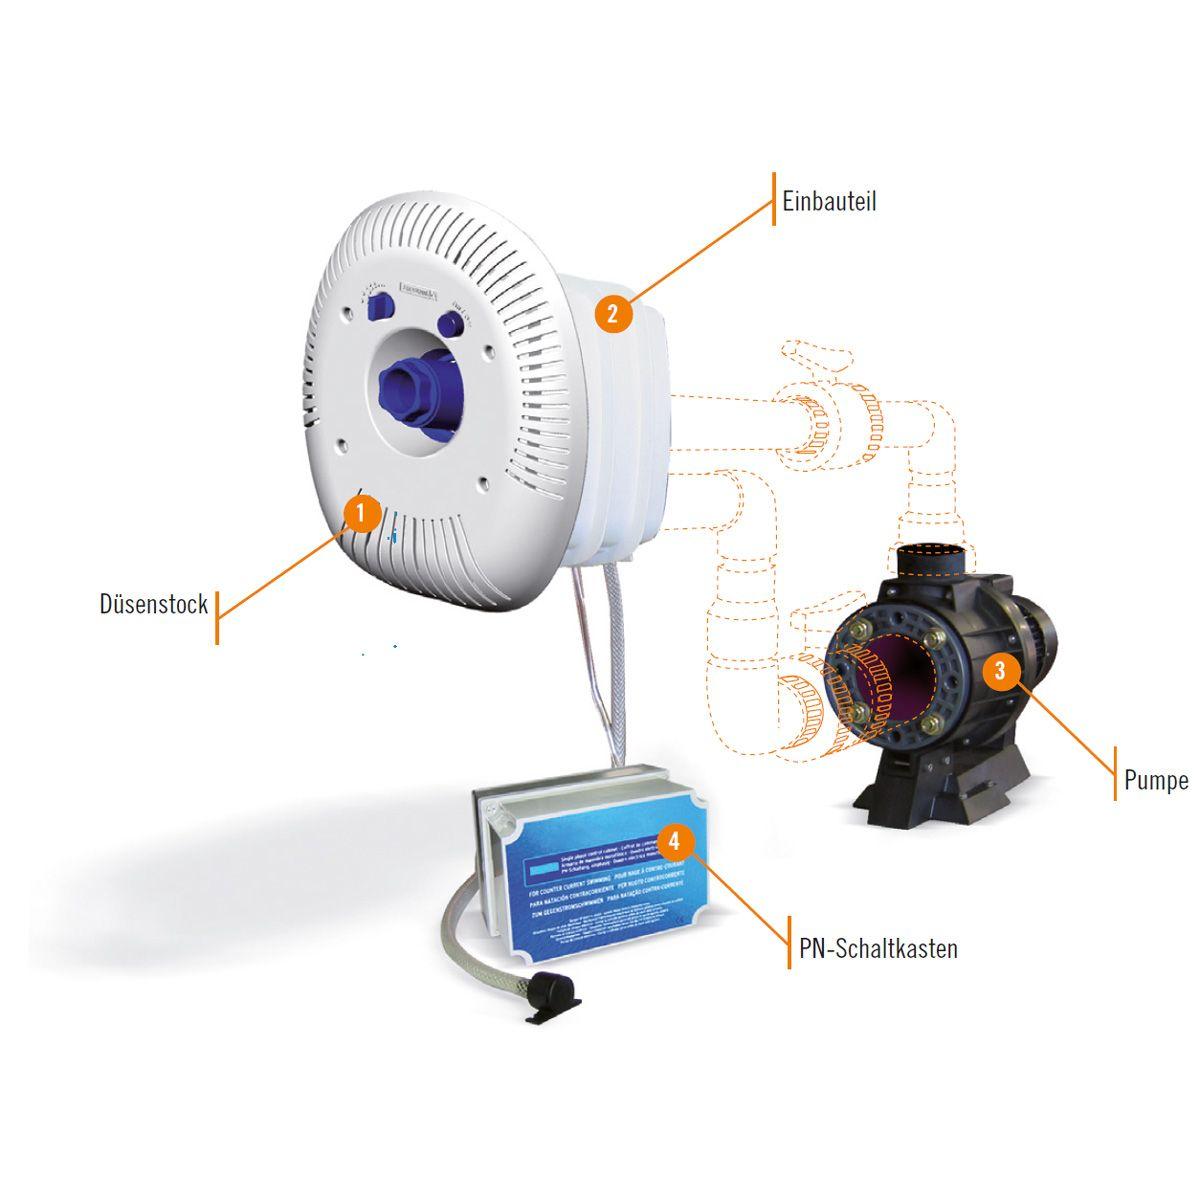 Fkb Schwimmbadtechnik astral eco gsa gegenstromanlage bis 3 3kw und 75m h fkb